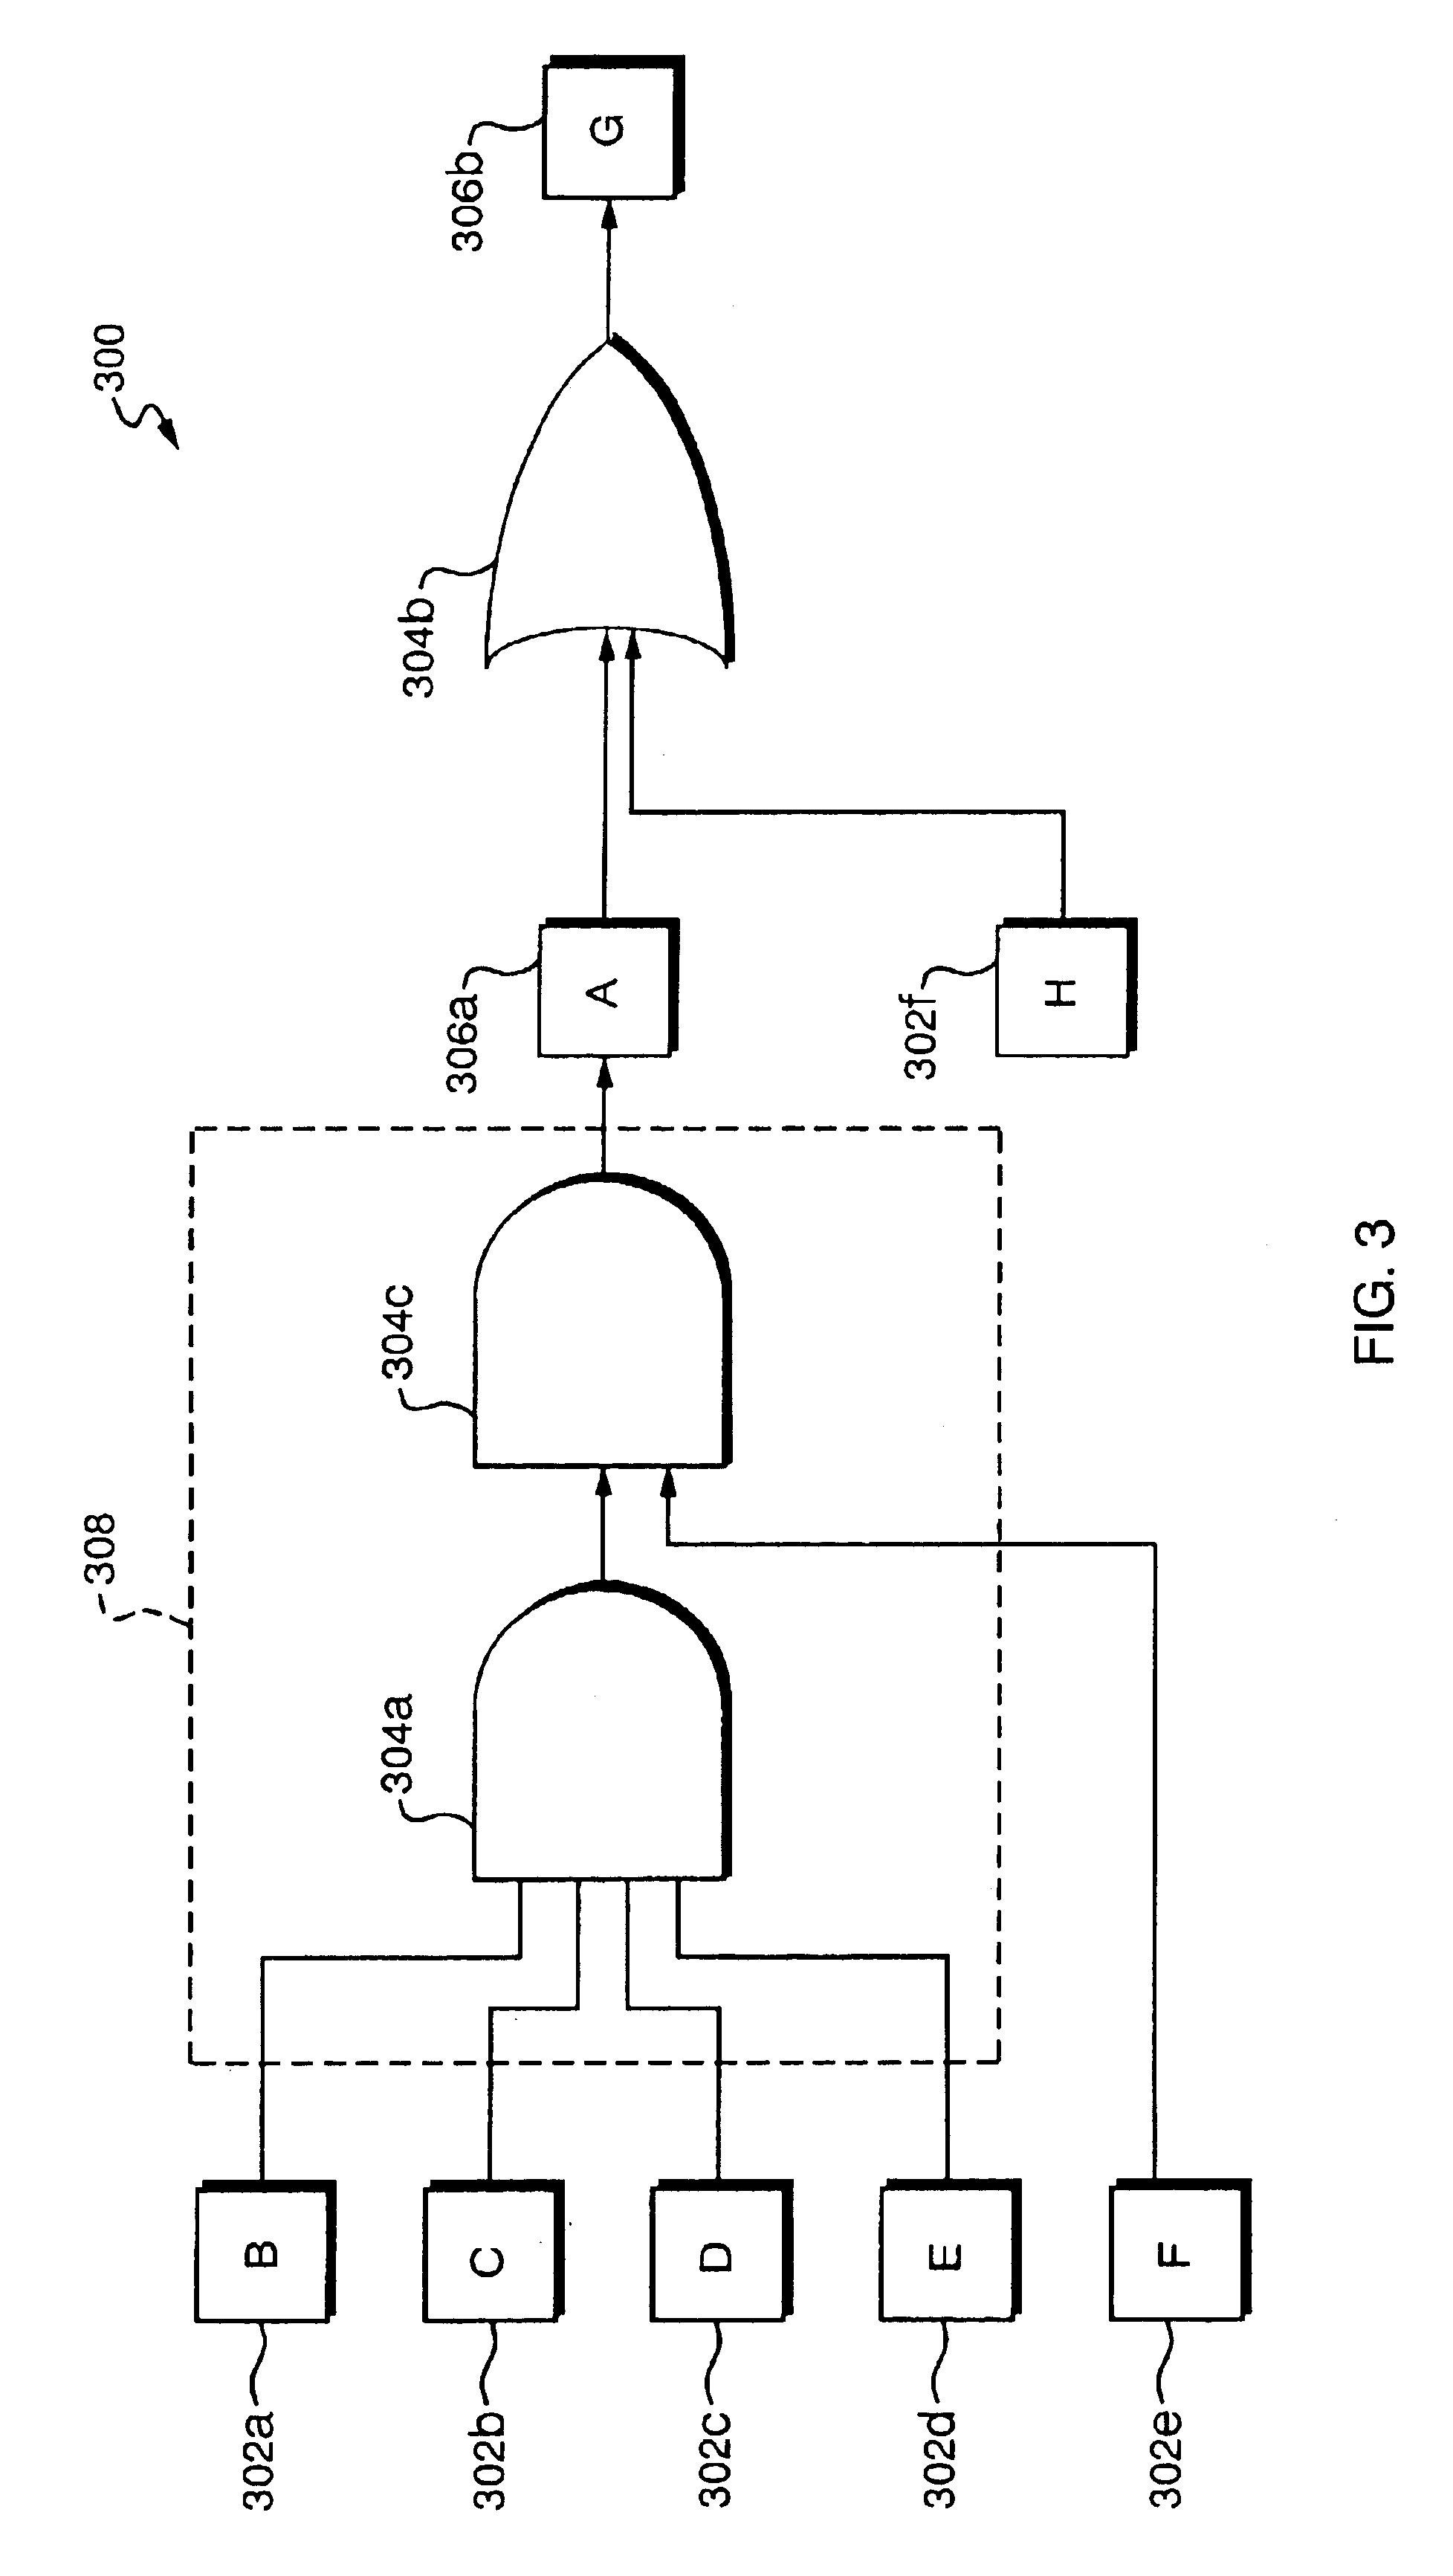 patent us6904573